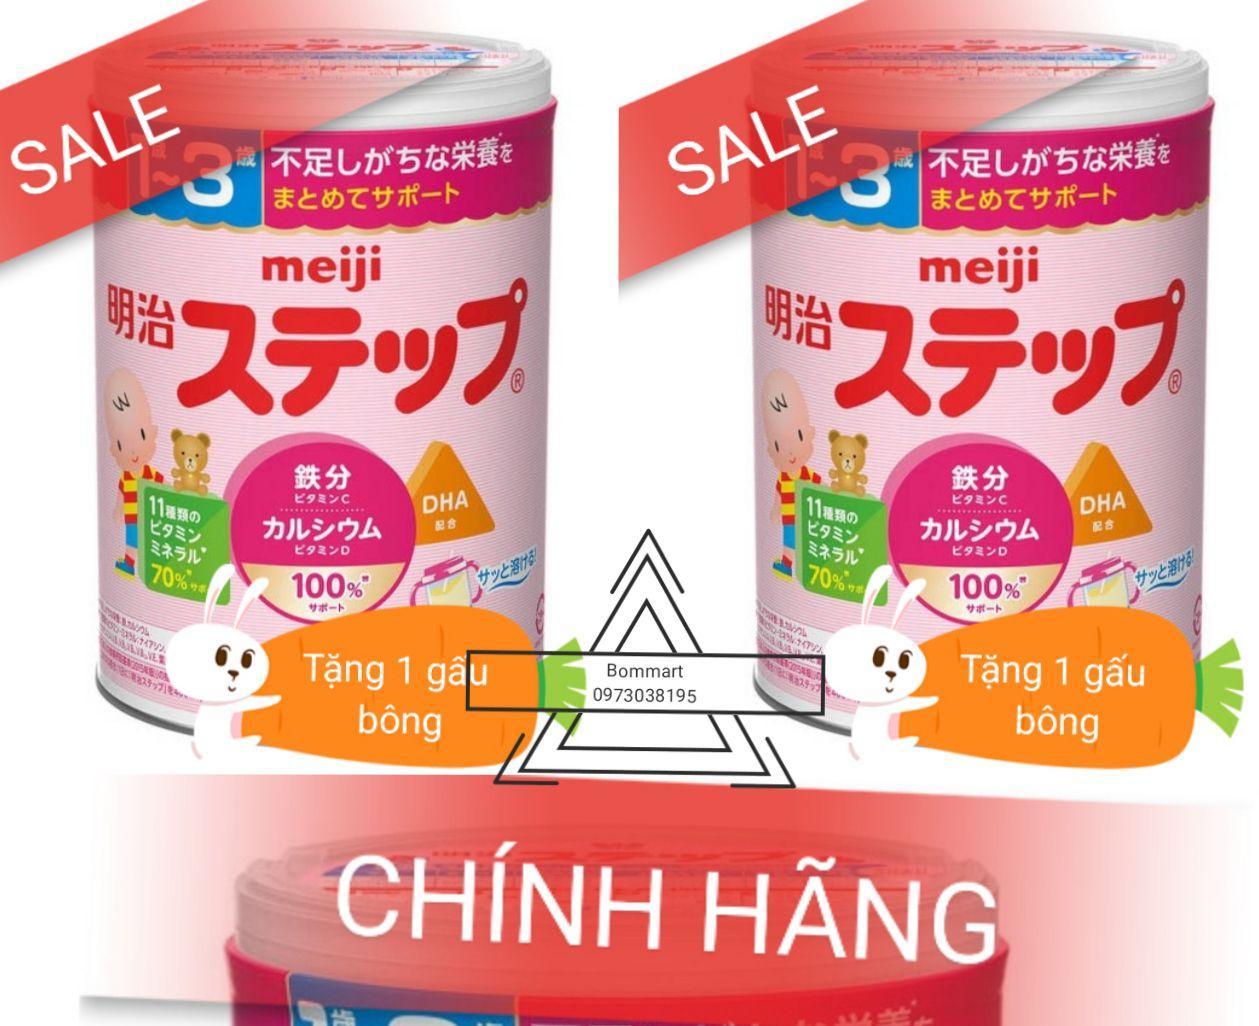 COMBO 2 hộp sữa mejji 1-3 nội địa nhật bản hộp 800g